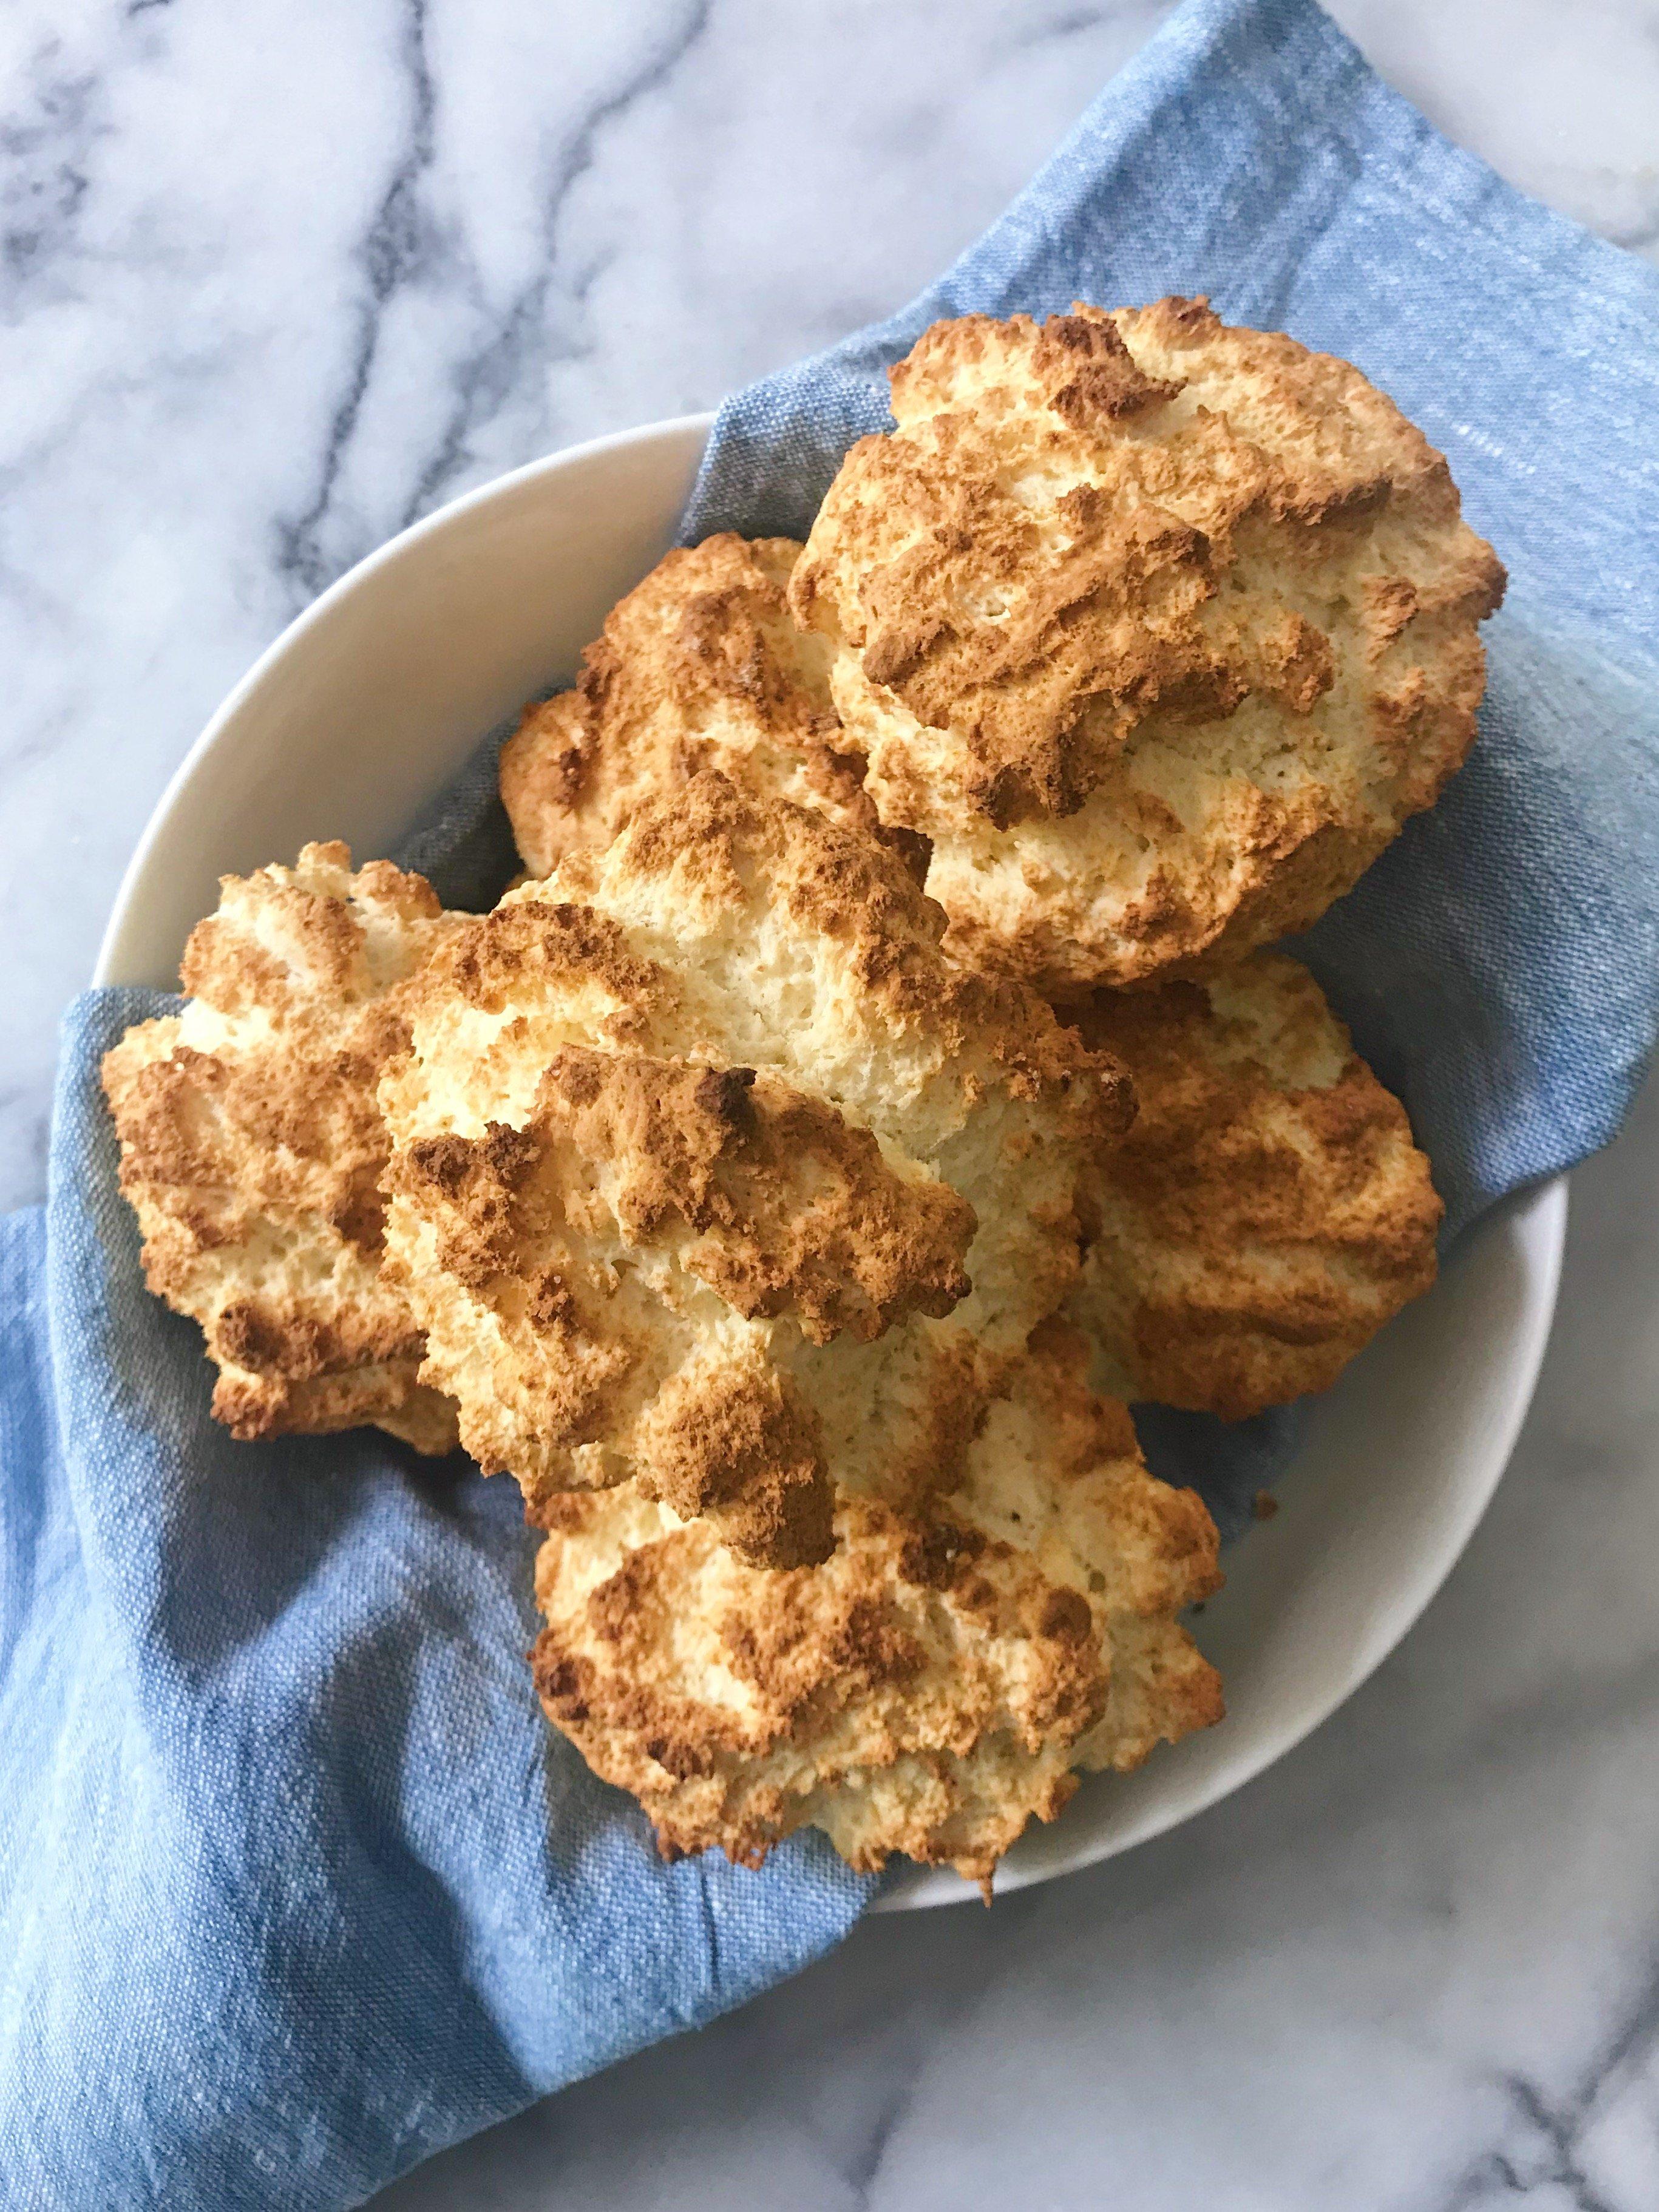 Easy gluten free biscuit #glutenfree #glutenfreerecipes www.healthygffamily.com